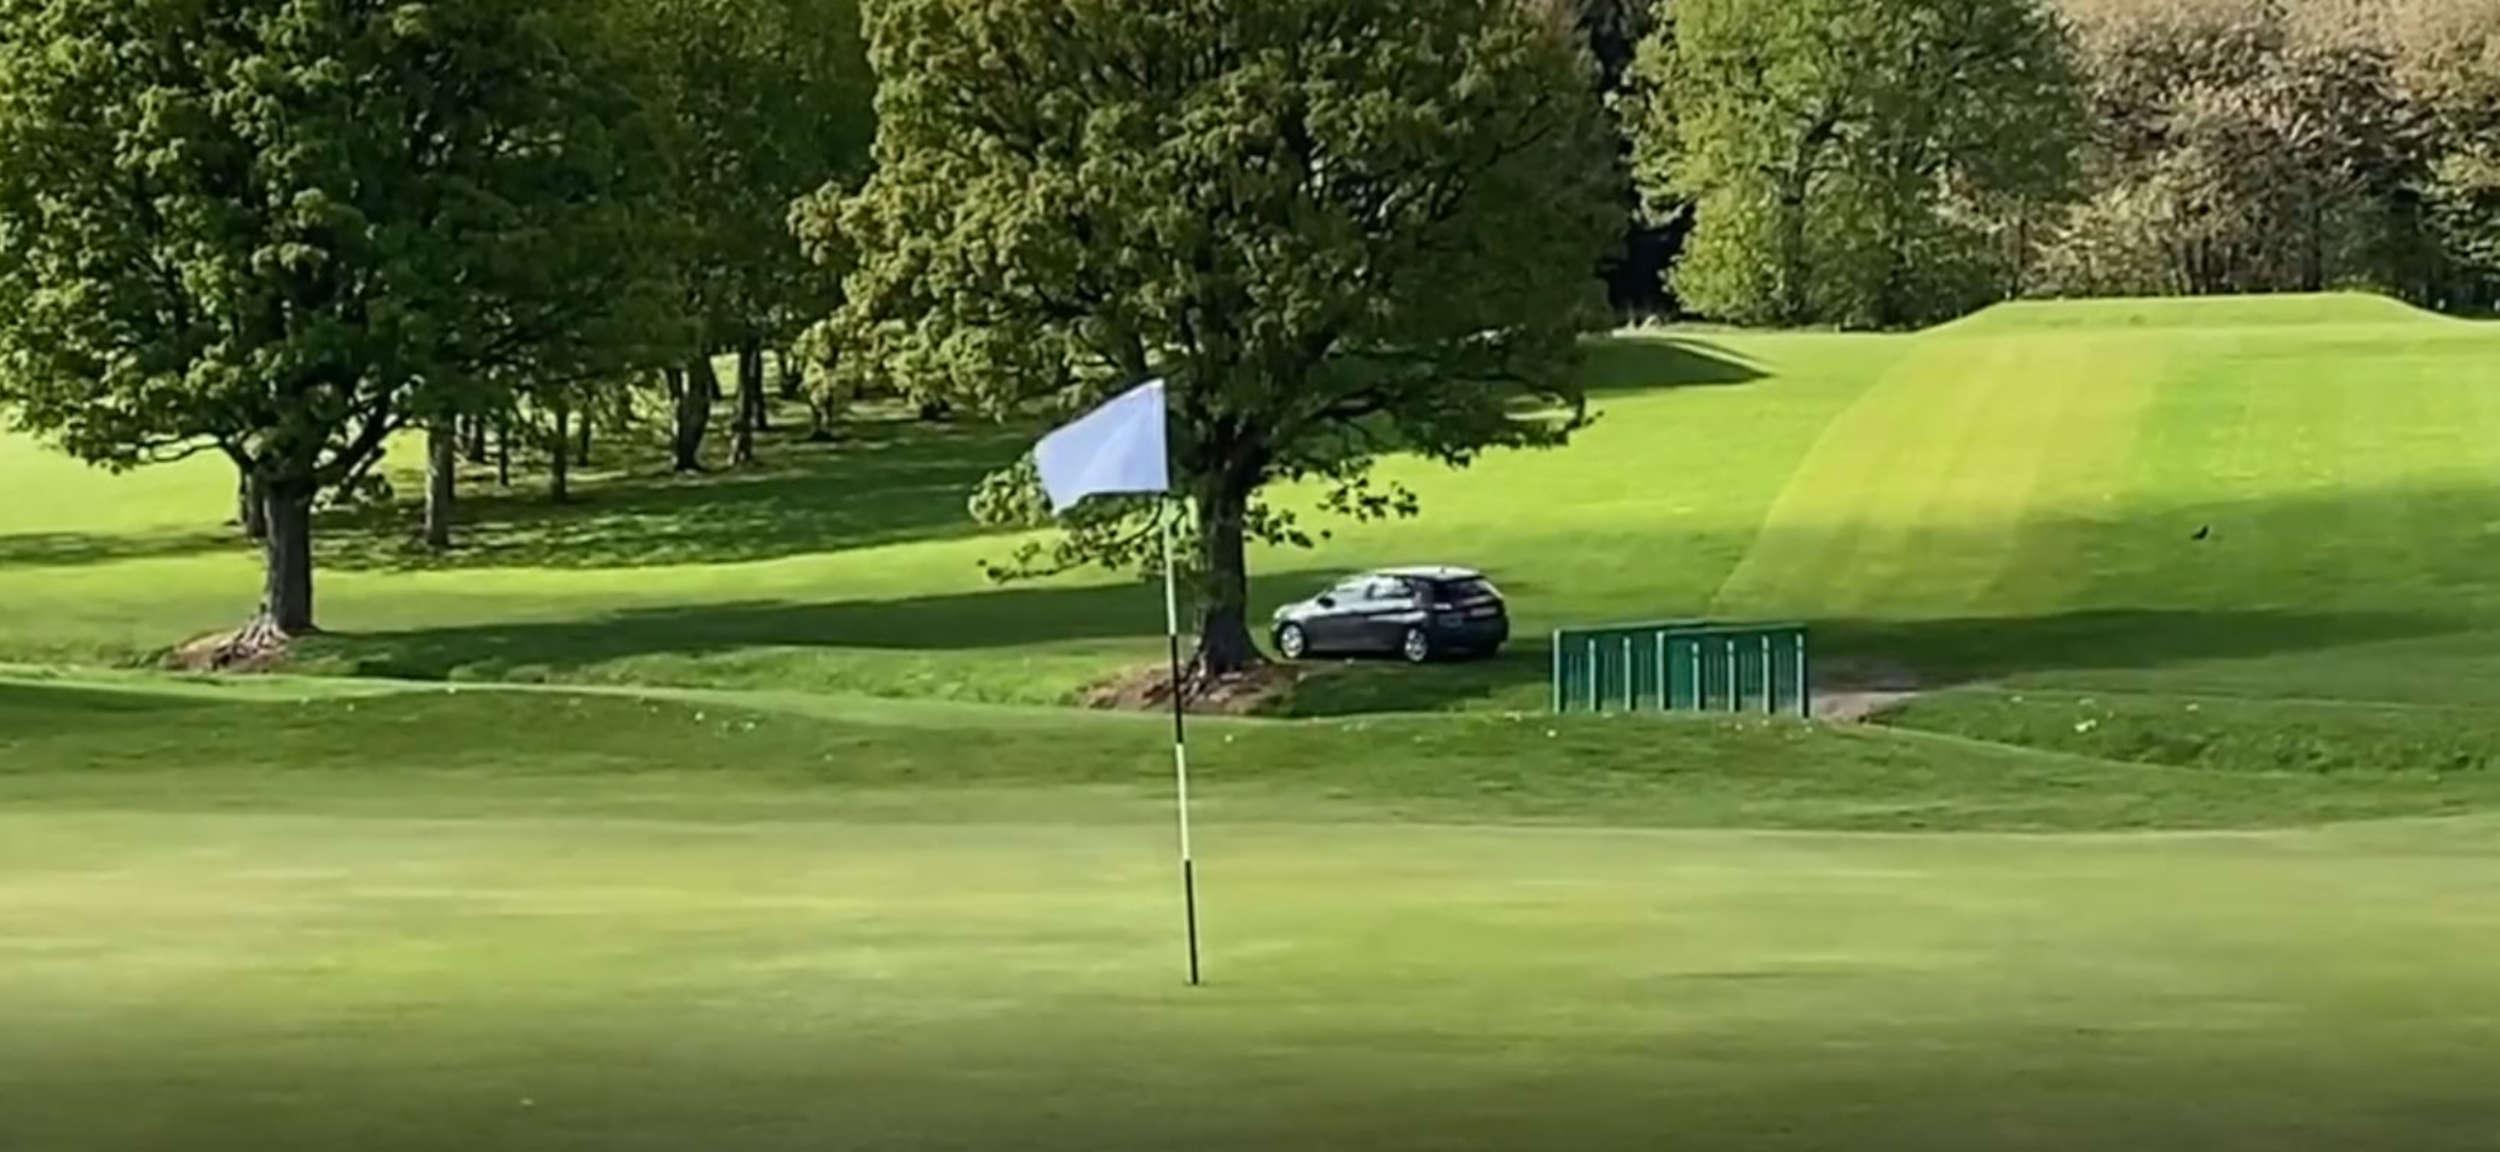 Car on Golf Course